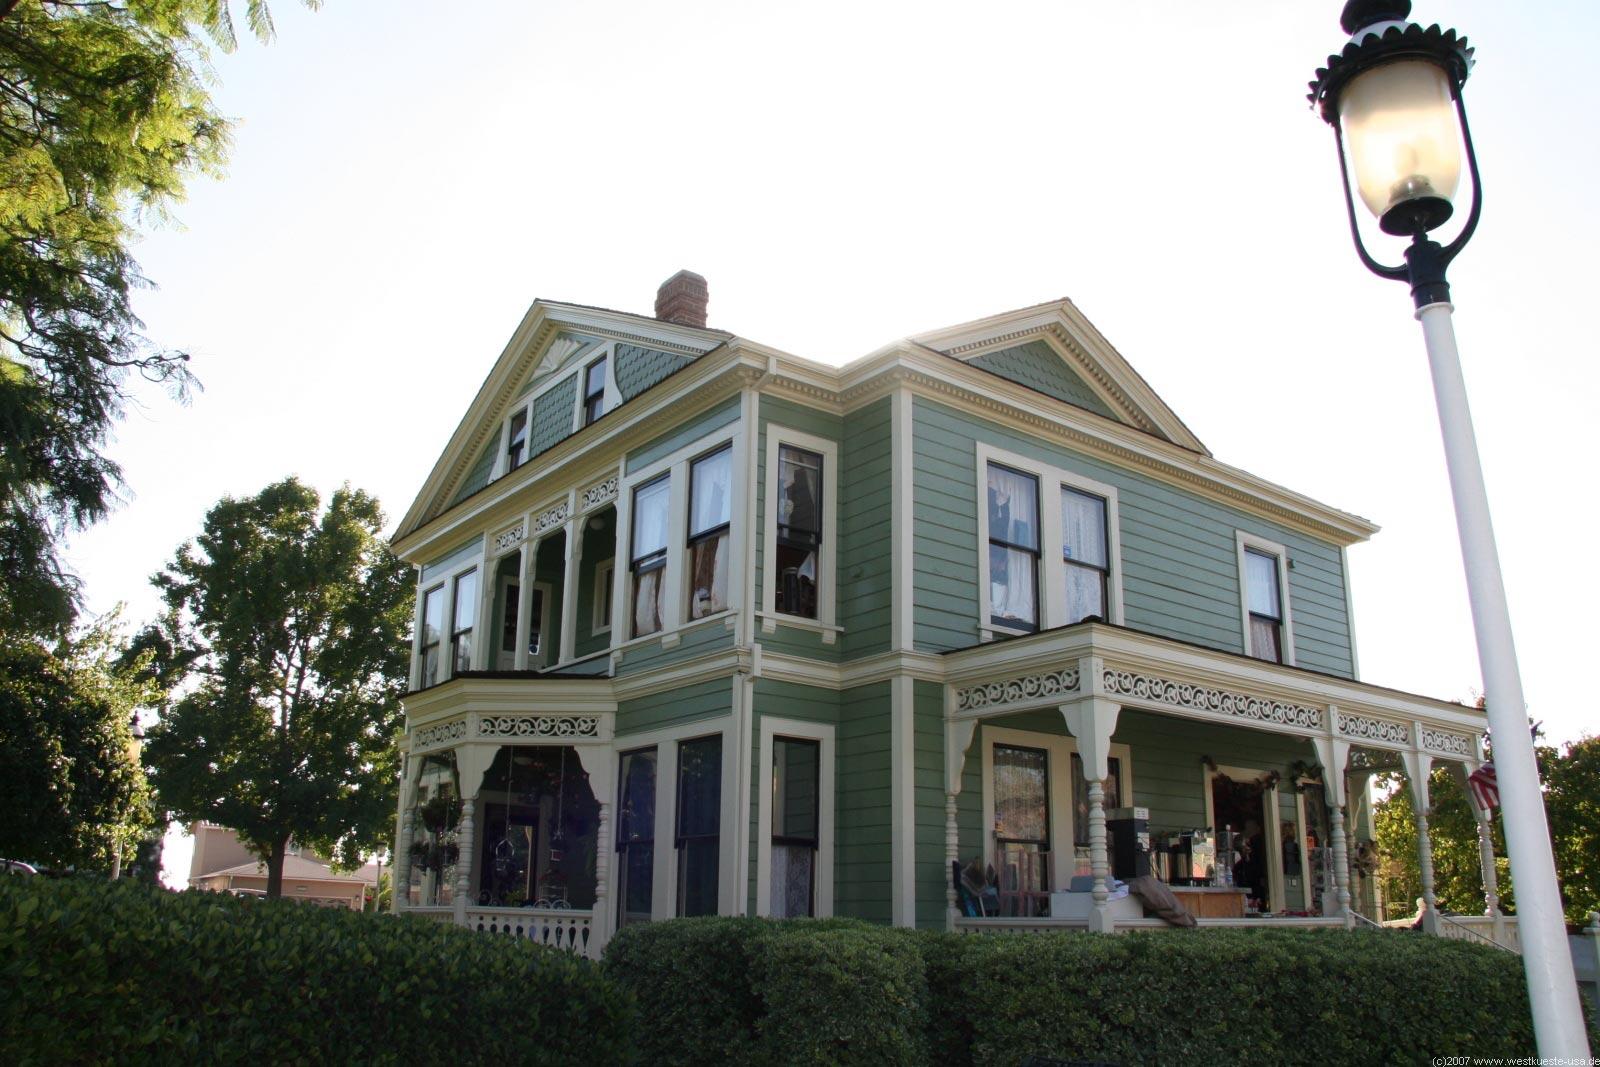 San Diego Heritage Park Viktorianische Hauser Der Old Town